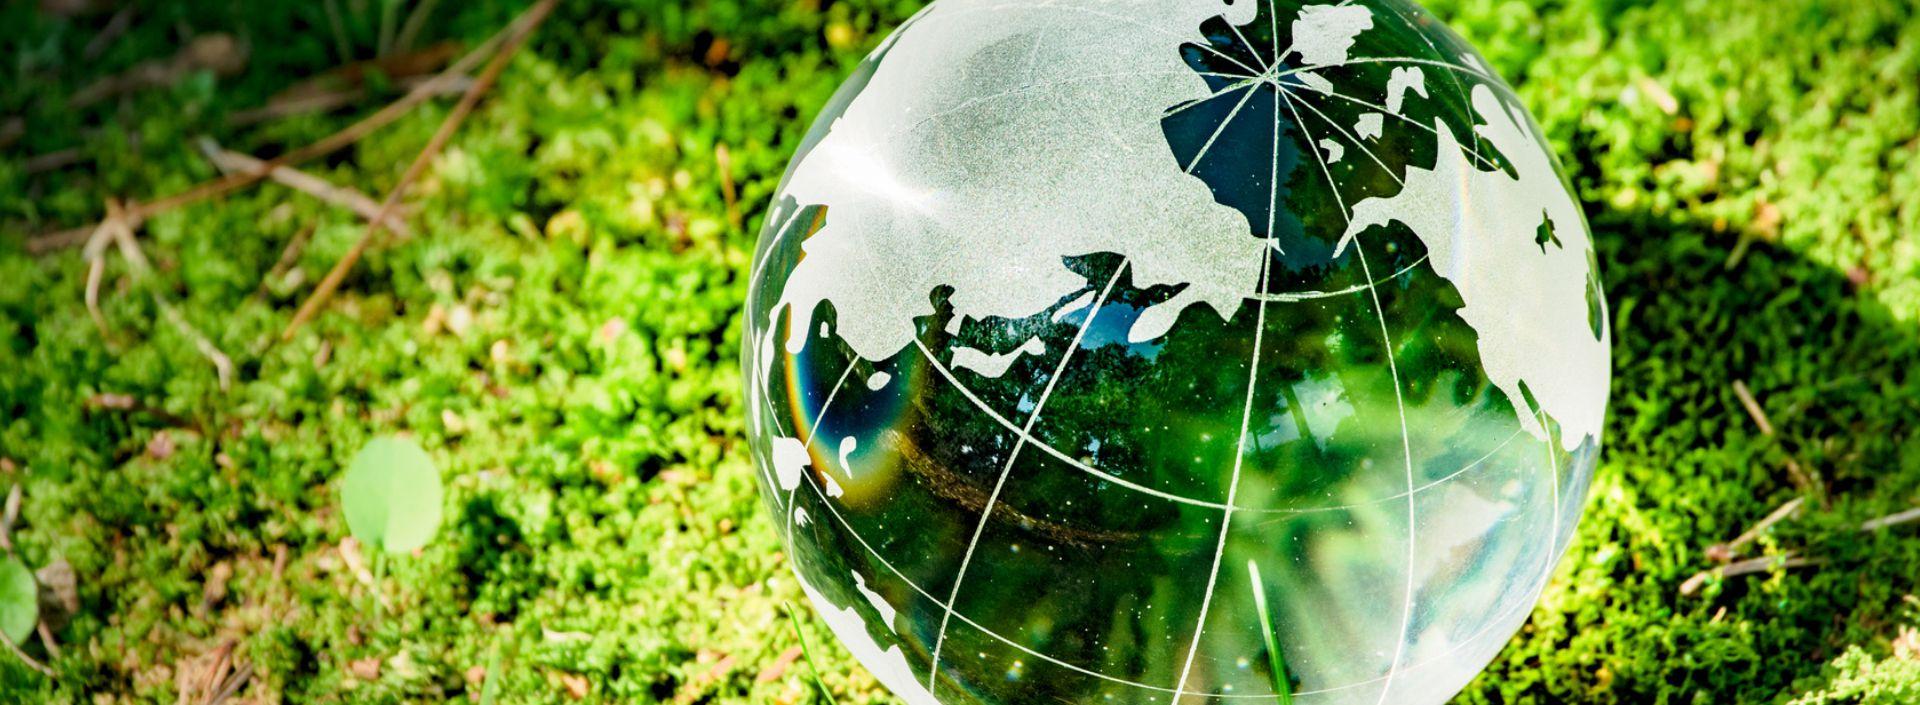 ekocertyfikaty w outdoorze